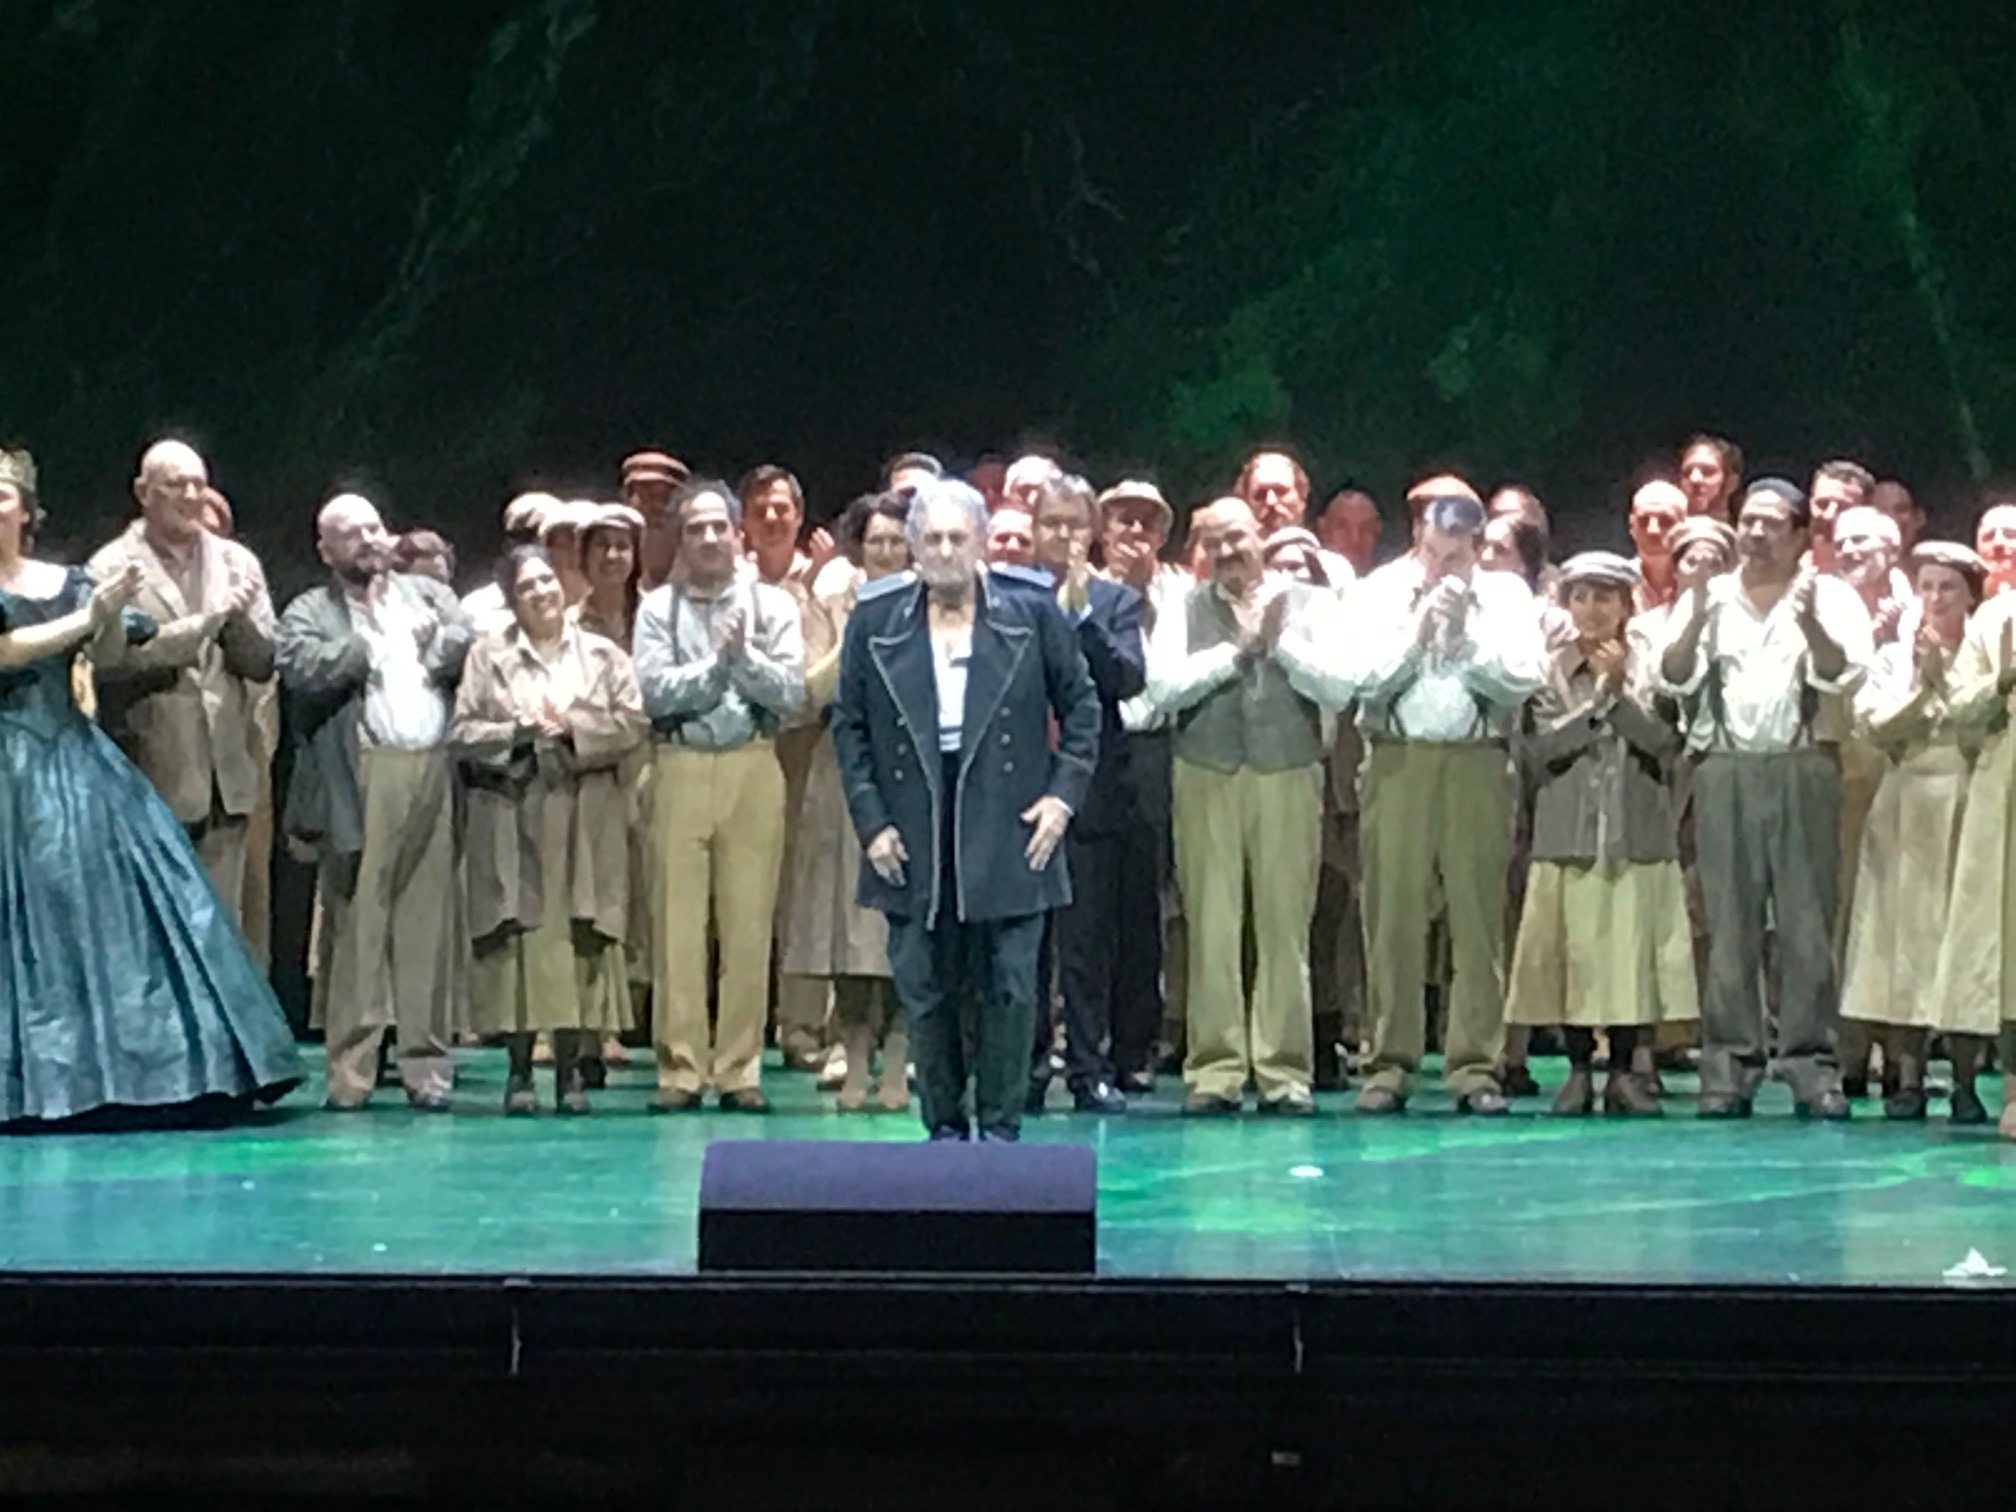 placido-domingo-opera-zurich